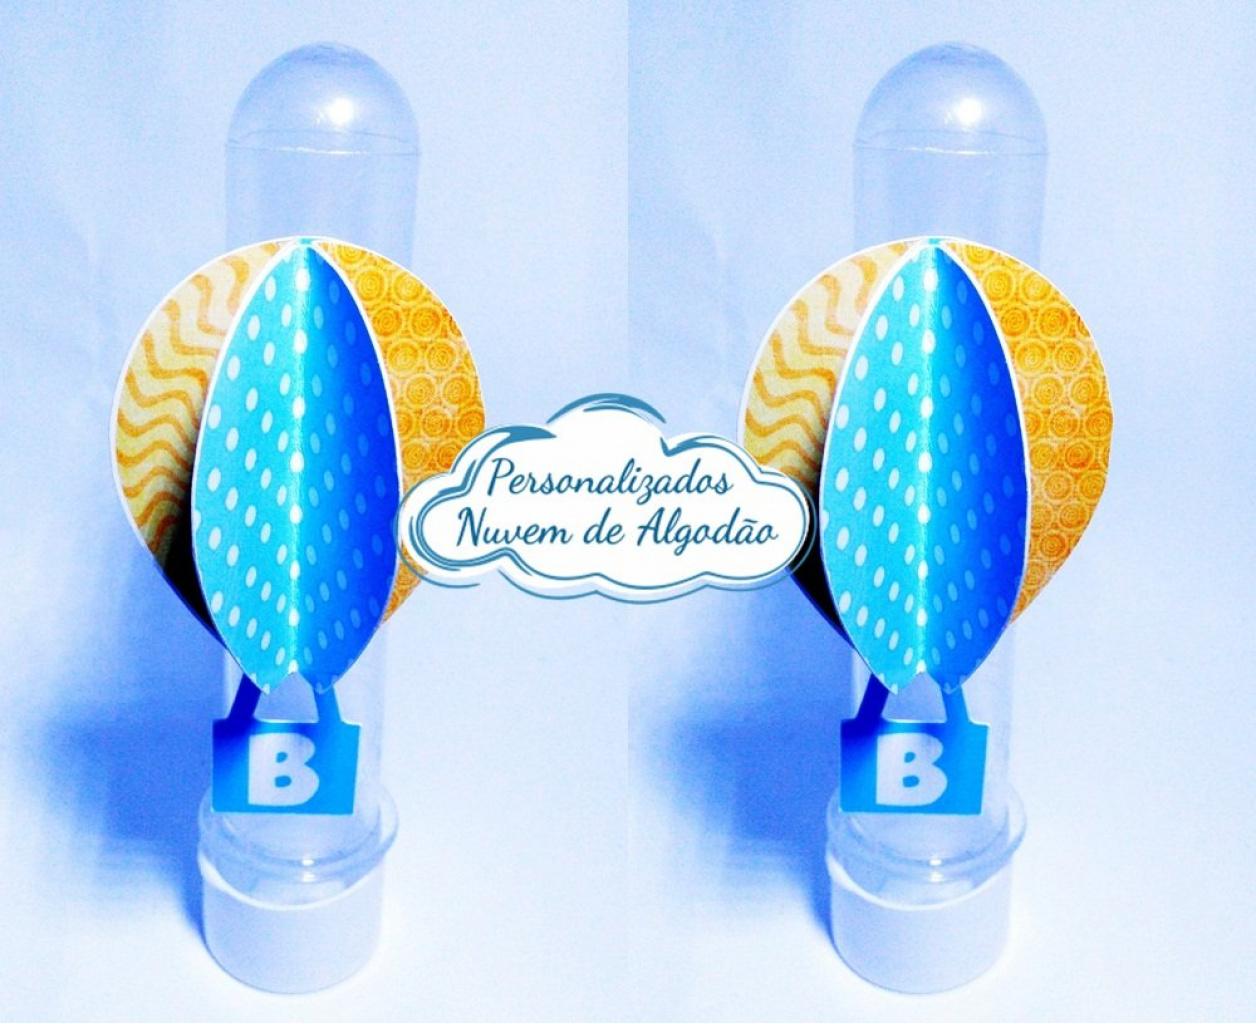 Nuvem de algodão personalizados - Aplique de tubete Balão 3d